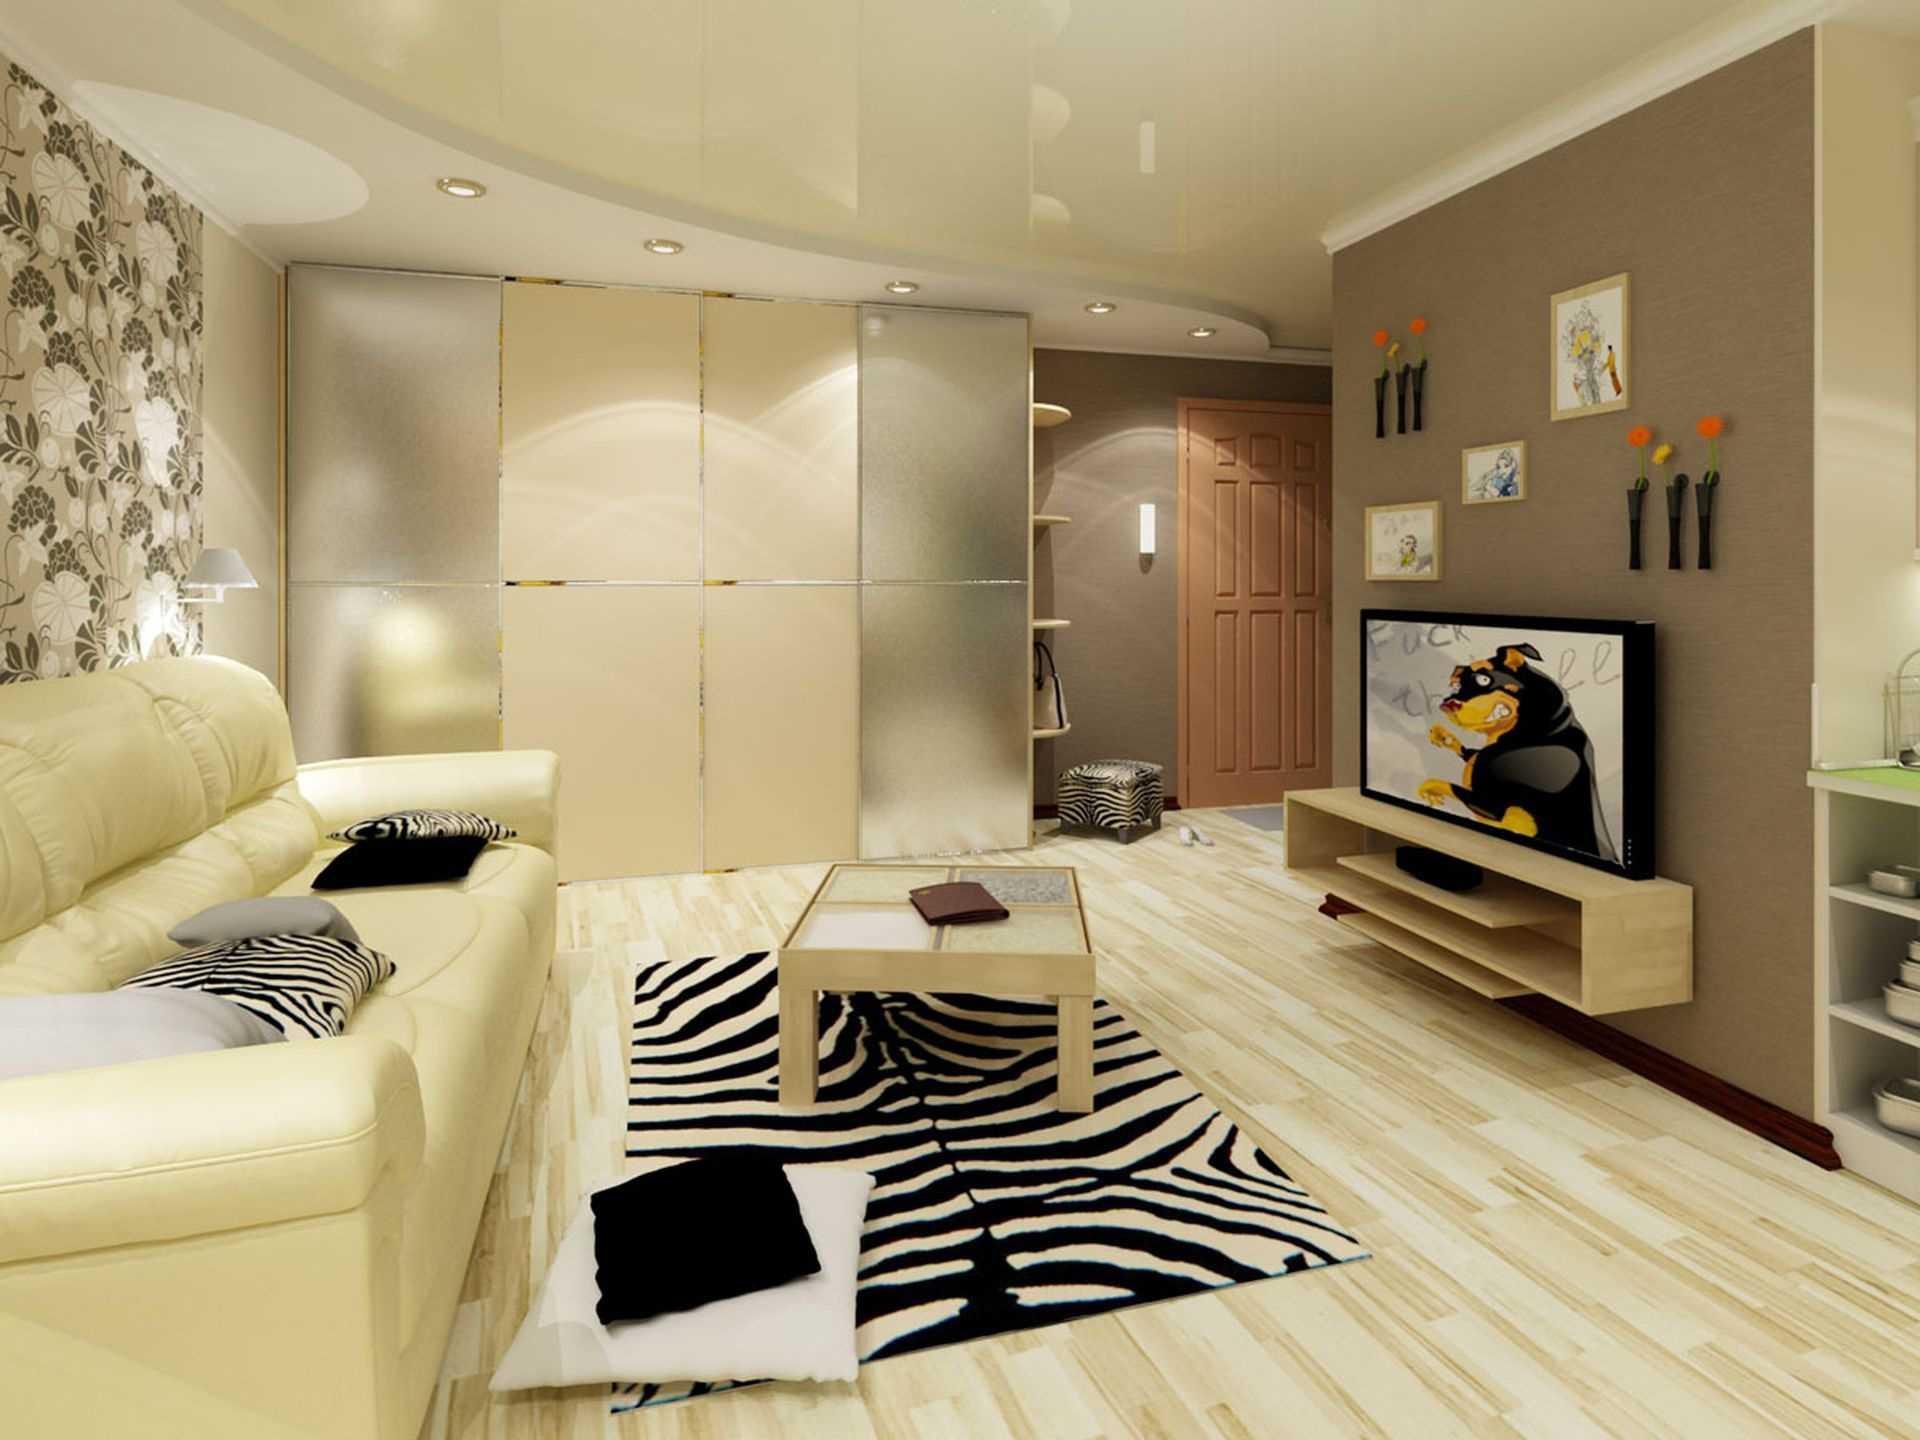 Натяжные потолки для зала в квартире (85 фото): виды современных покрытий, красивый дизайн гостиной 18 кв. м, идеи - 2020